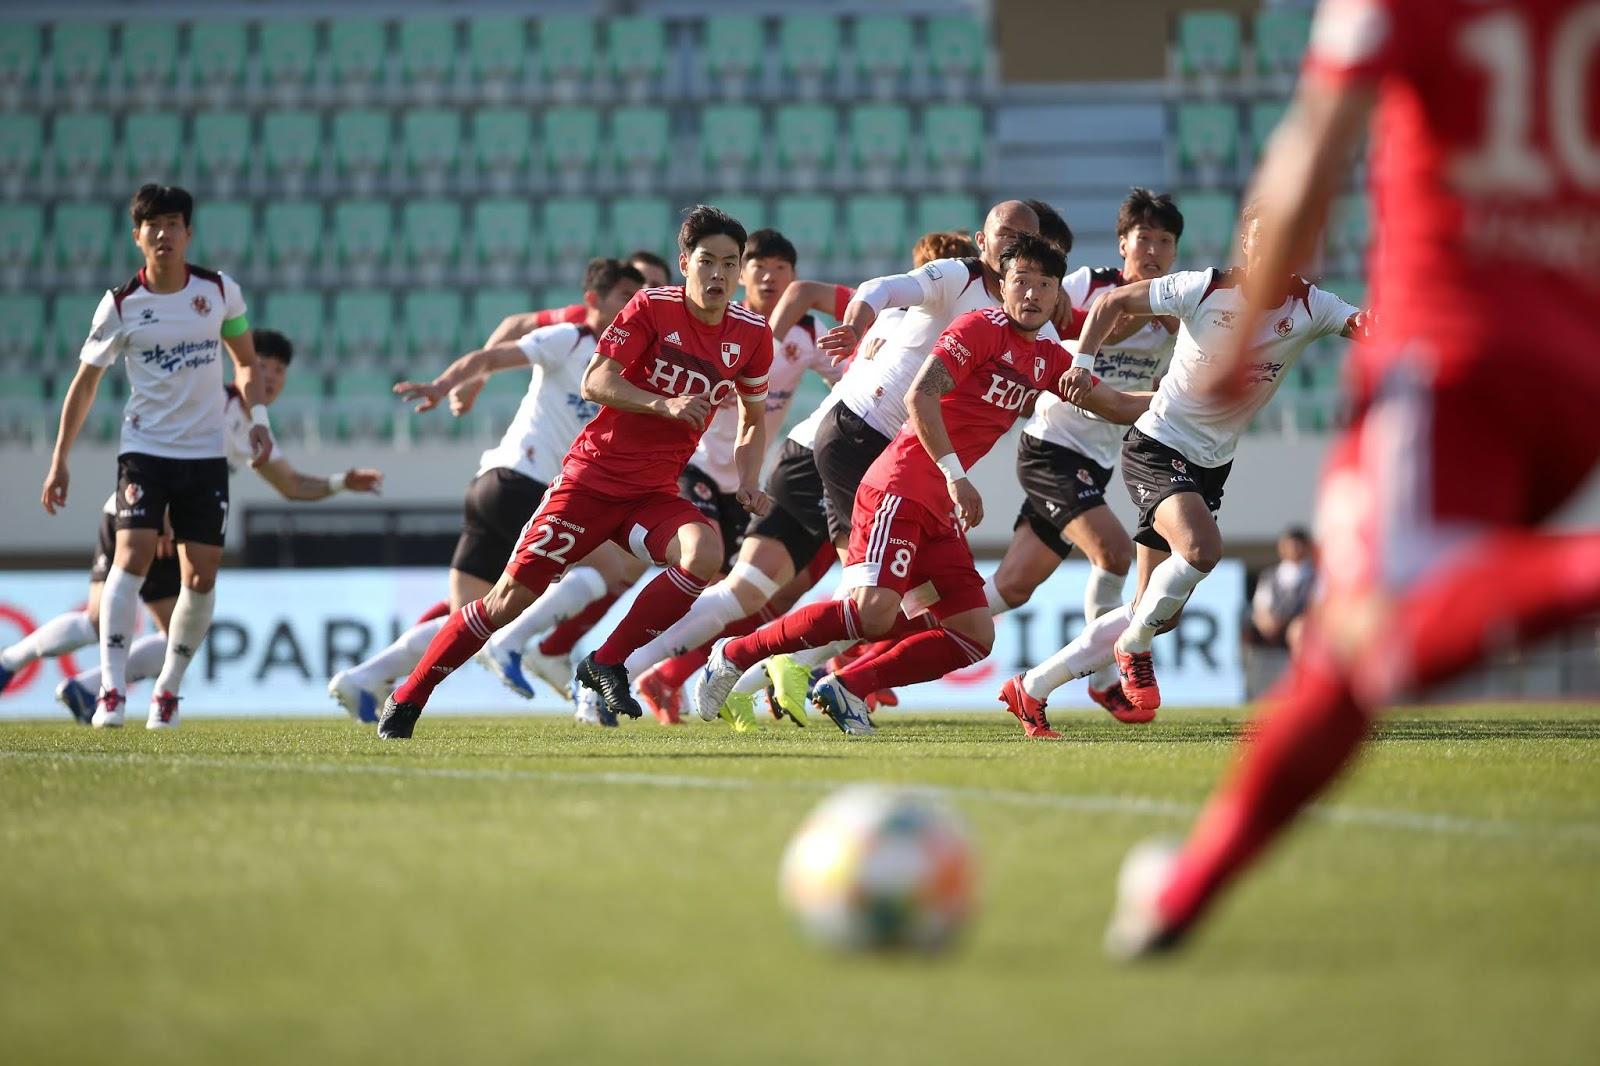 K League 2 Preview: Busan IPark vs Gwangju FC